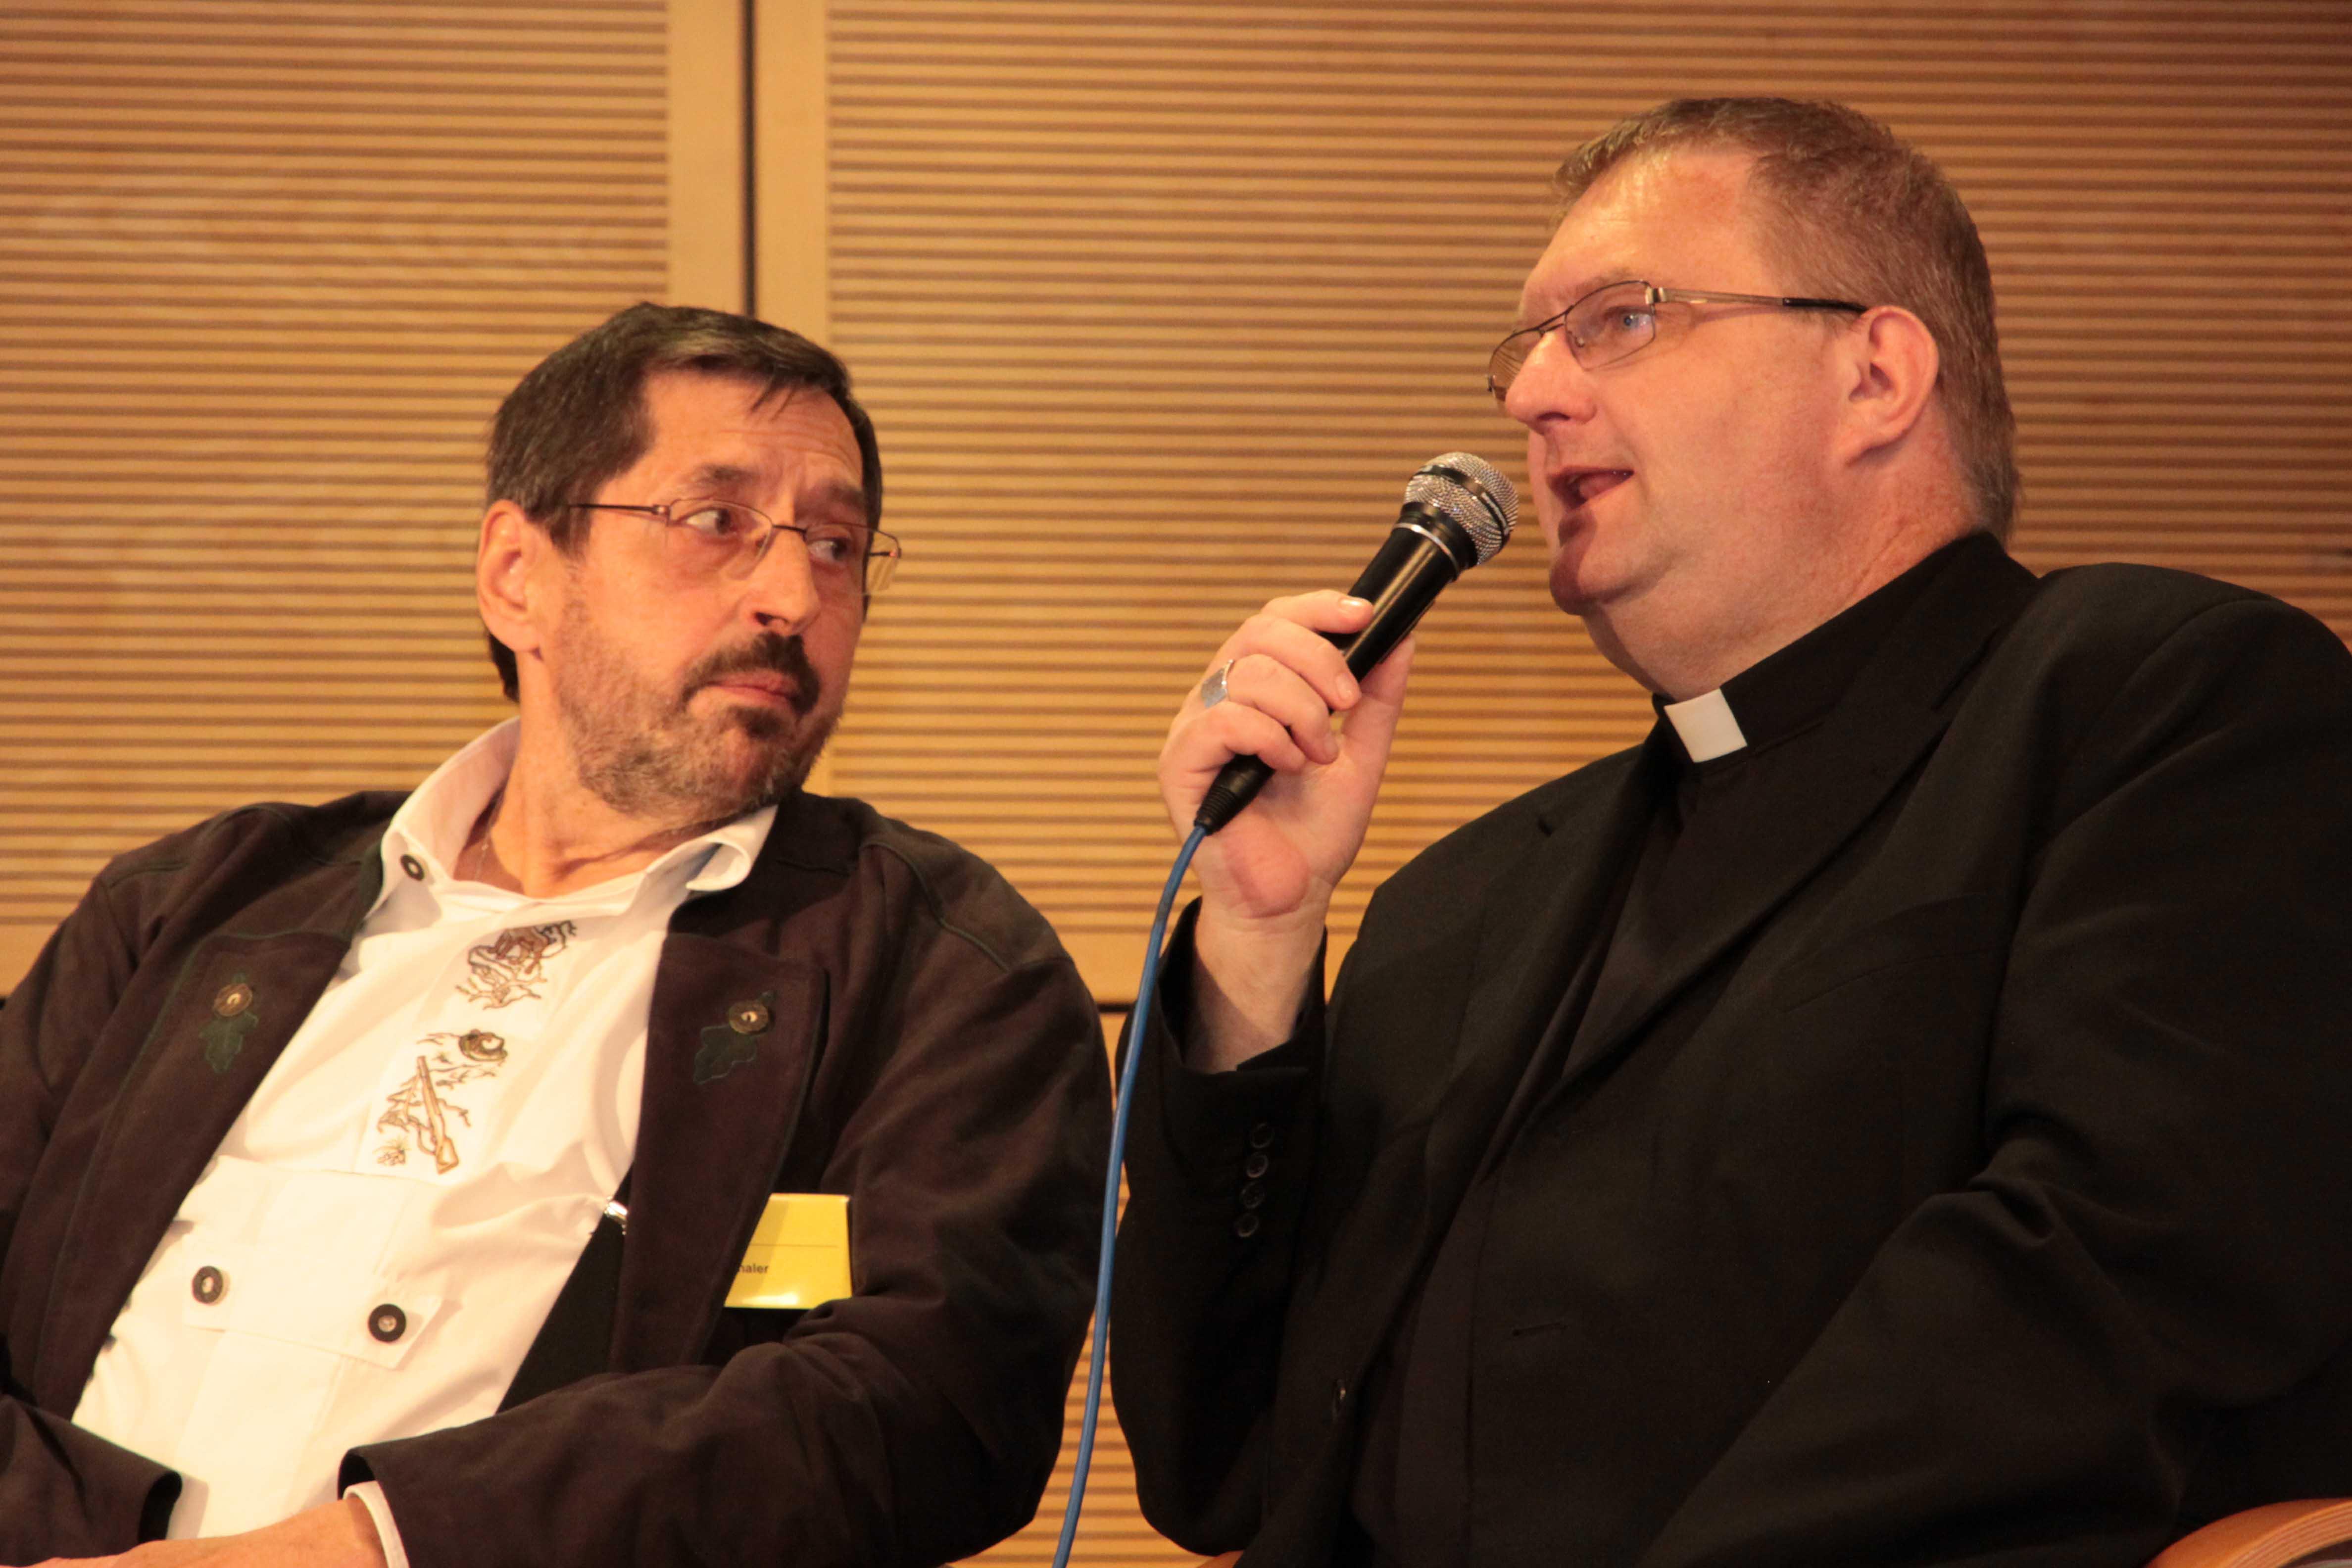 Stadtpfarrer Frank Faulhaber (rechts) berichtet über sein Leben mit einer gespendeten Leber.